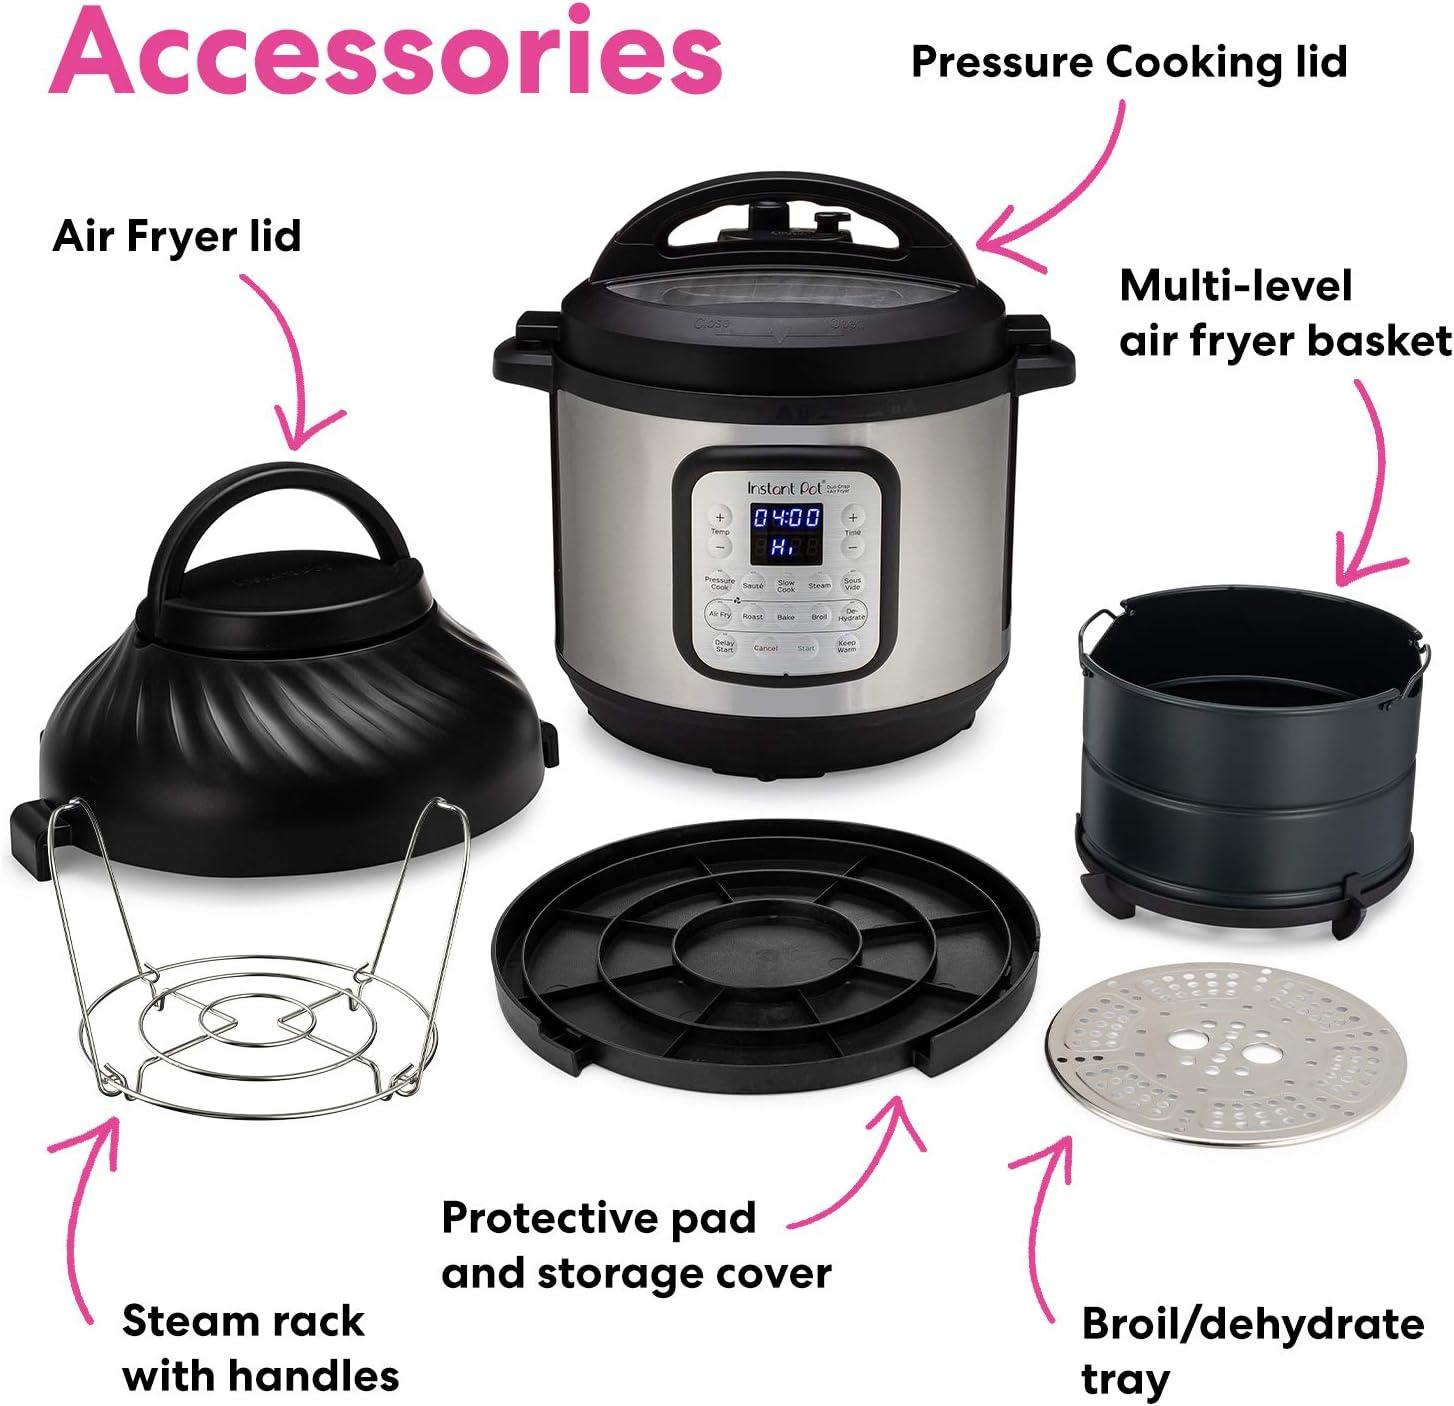 Instant Pot Duo Crisp Pressure Cooker 11 in 1 with Air Fryer